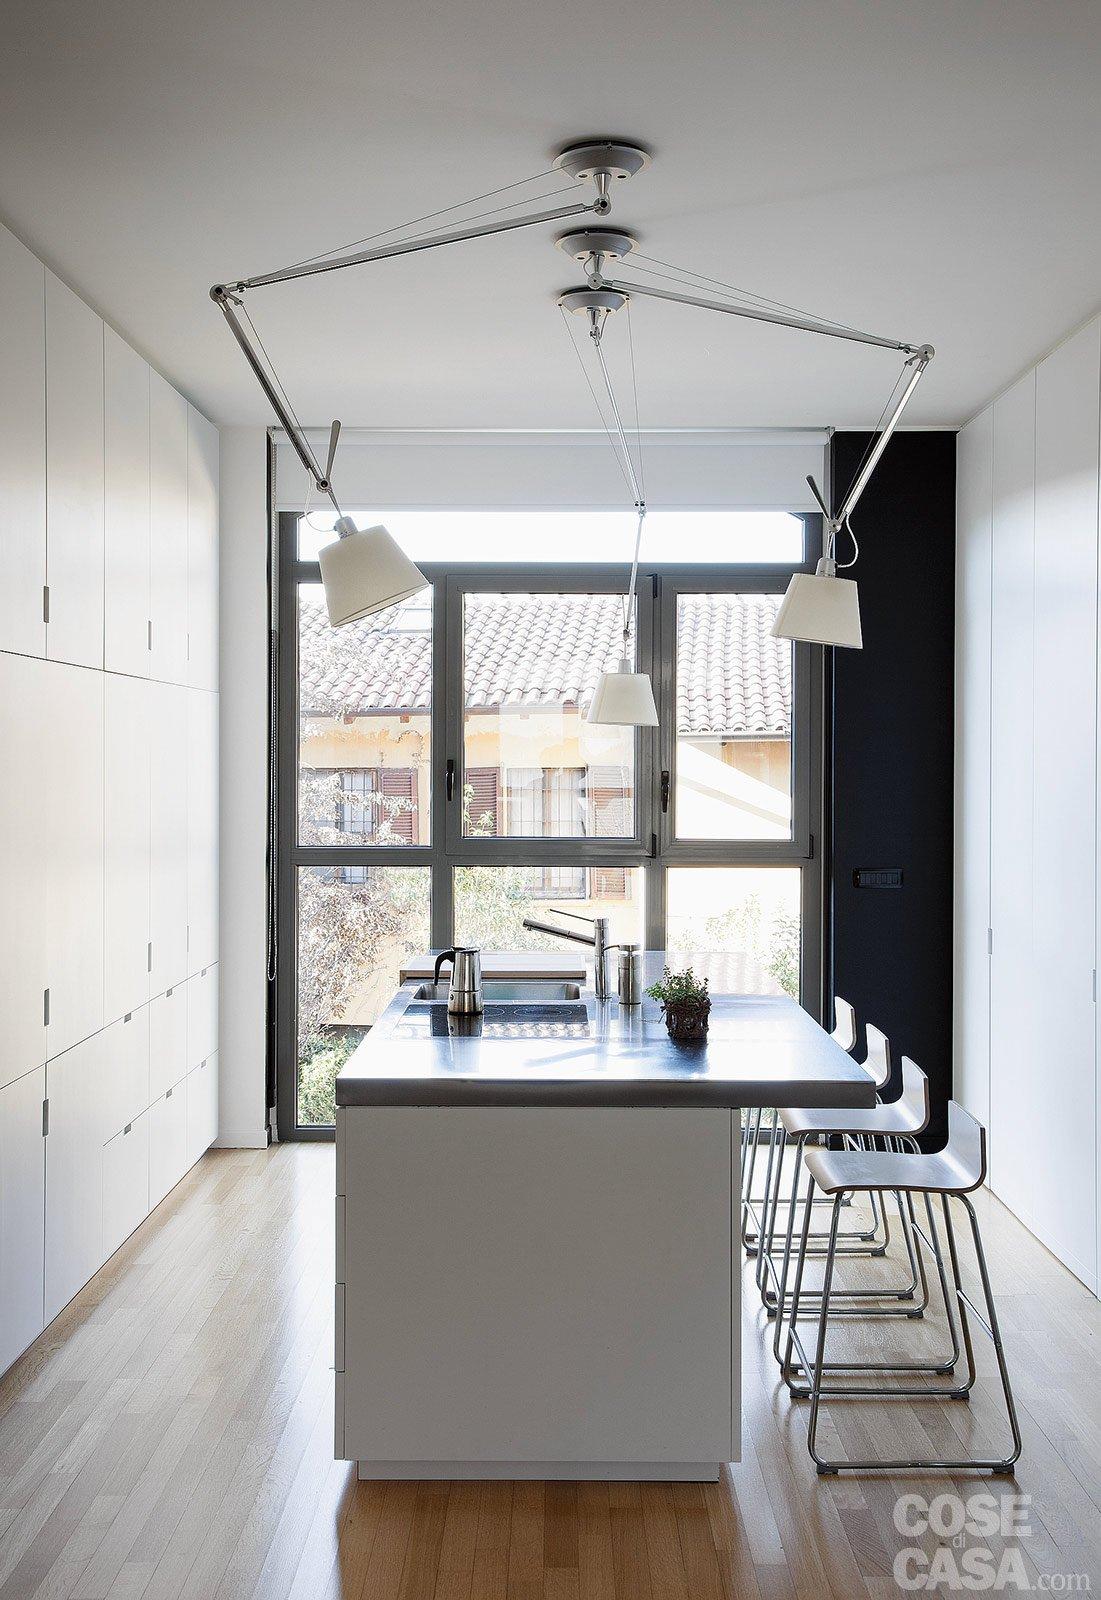 60 50 mq una casa con elementi a scomparsa cose di casa - Cucine sospese da terra ...